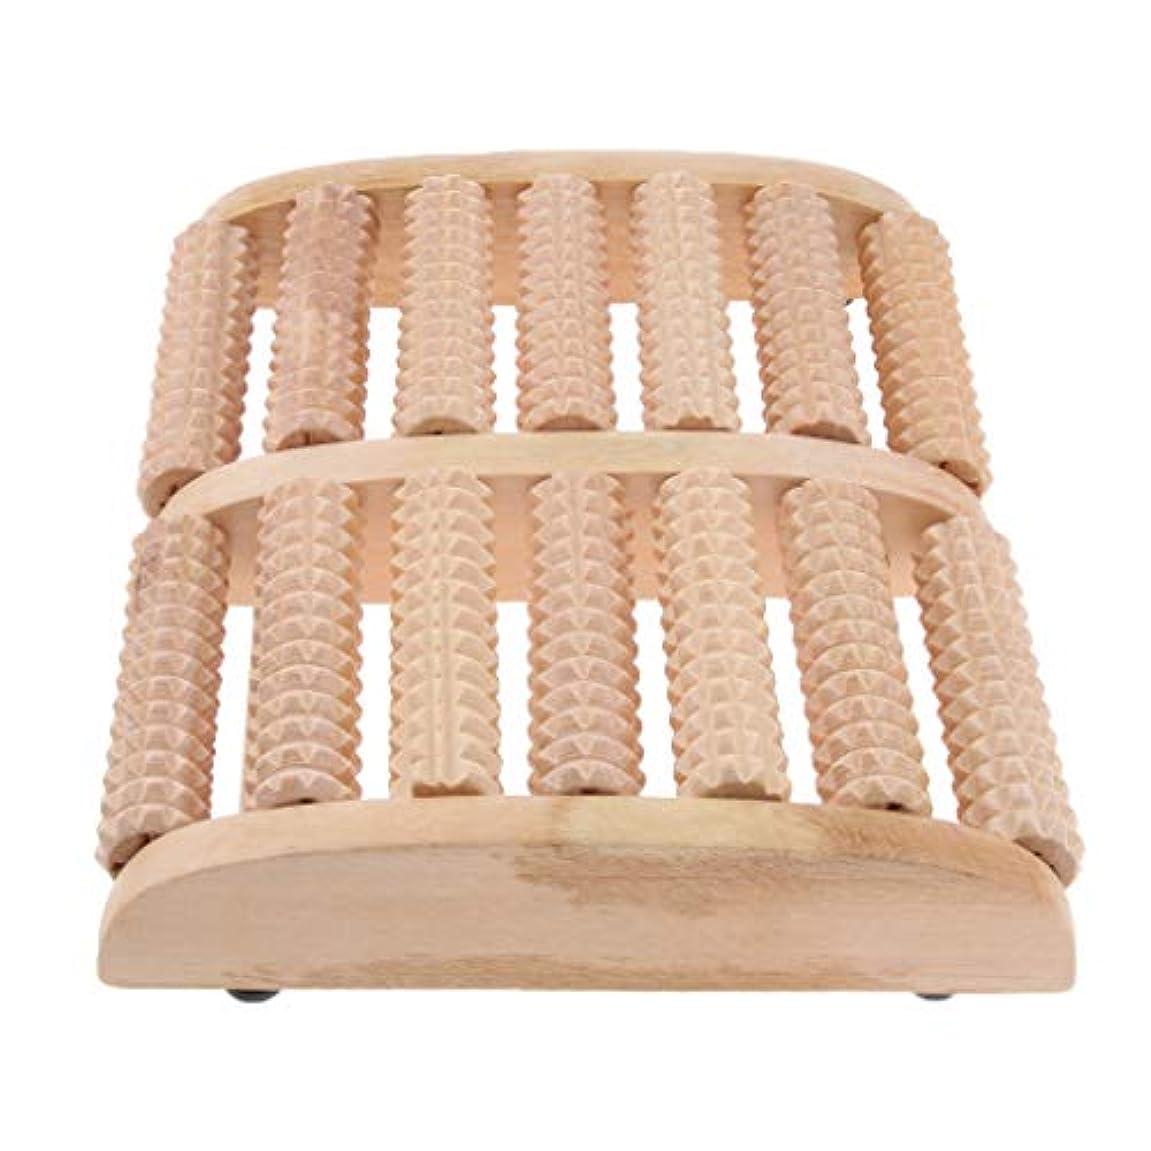 提案する貨物汗D DOLITY フットマッサージ ウッドローラーマッサージャー ツボ押し 足底筋膜炎 ストレス軽減 痛み緩和 7行